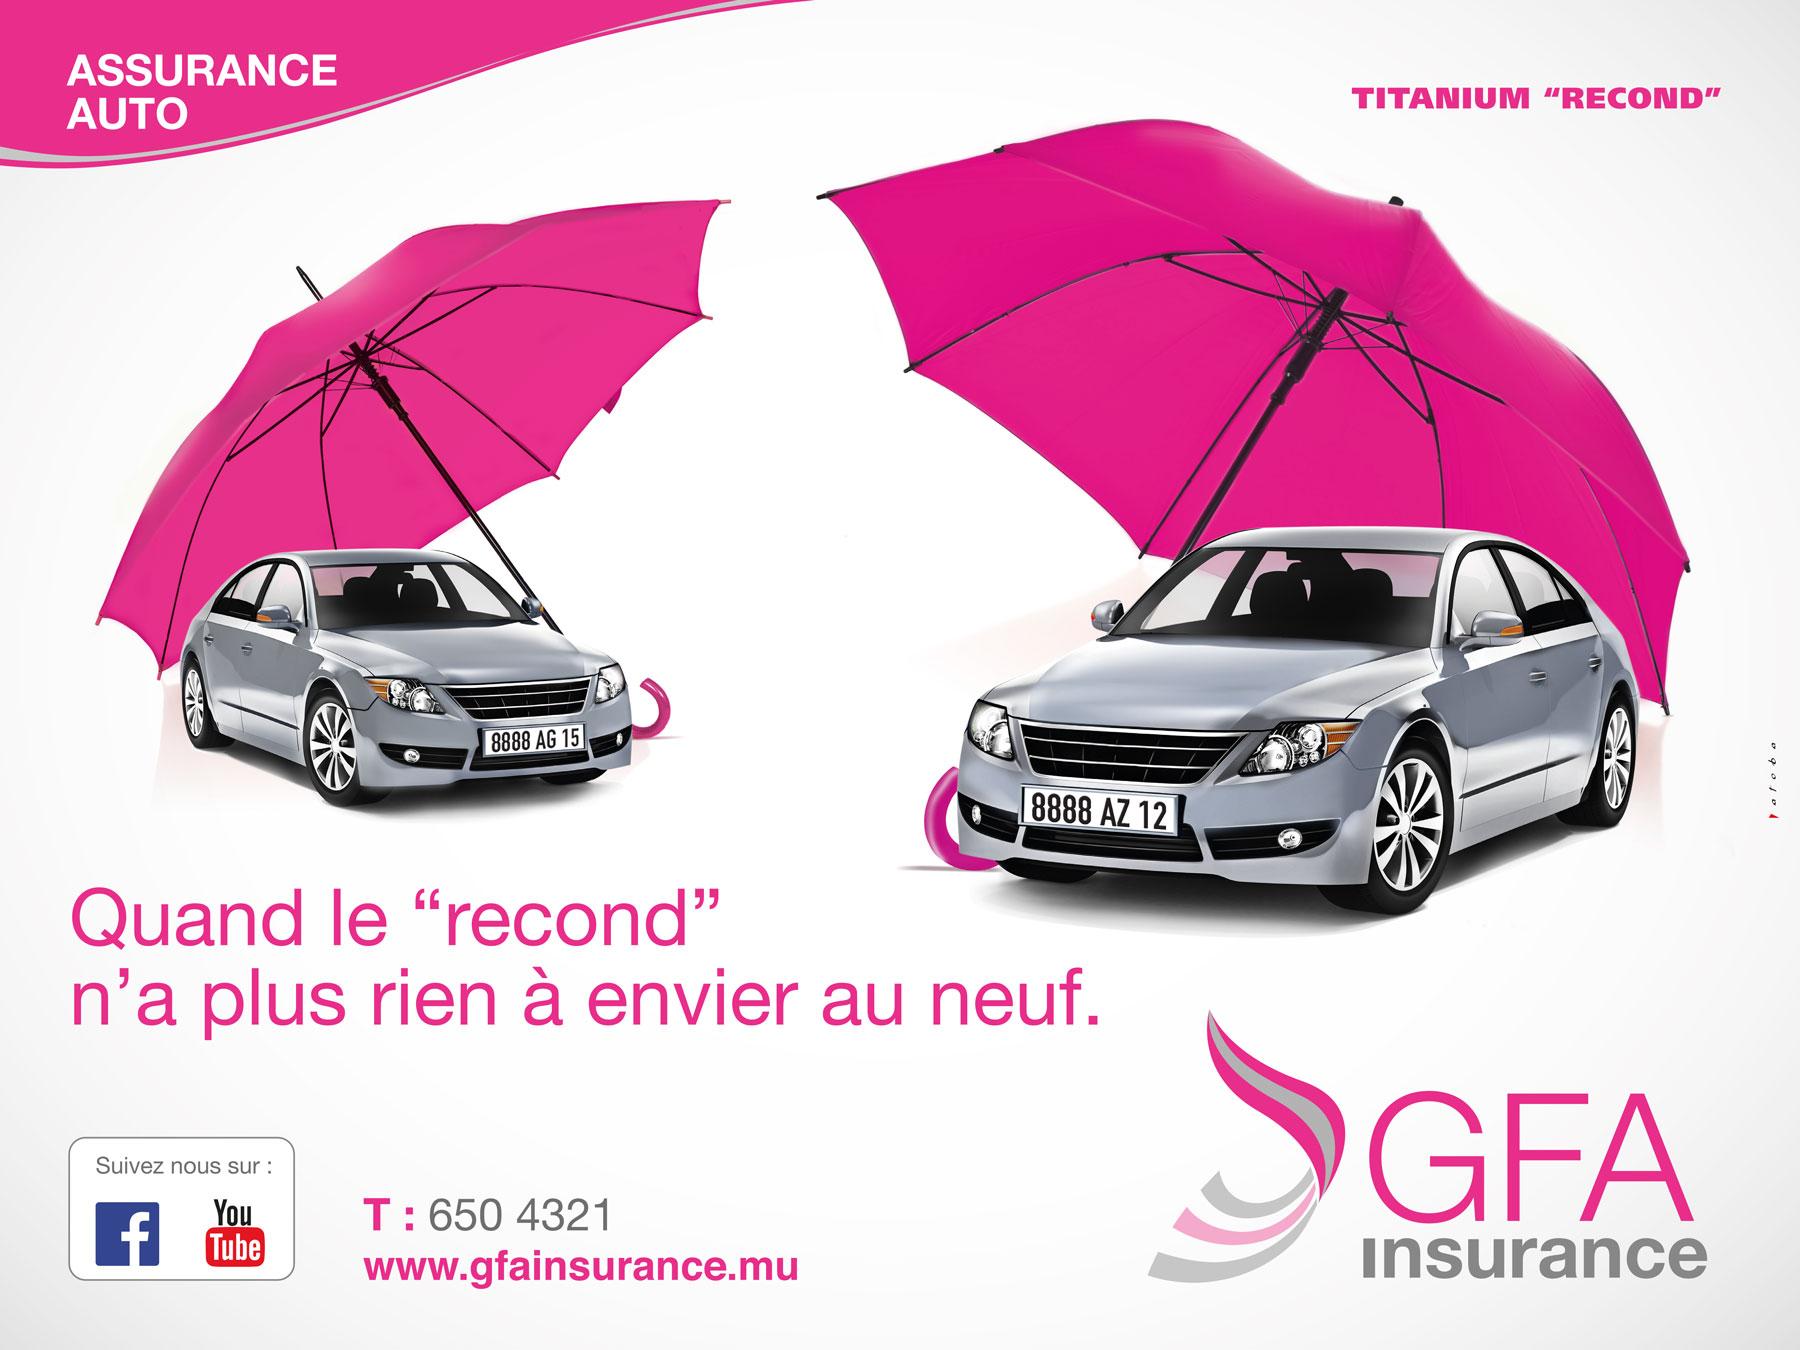 GFA Insurance